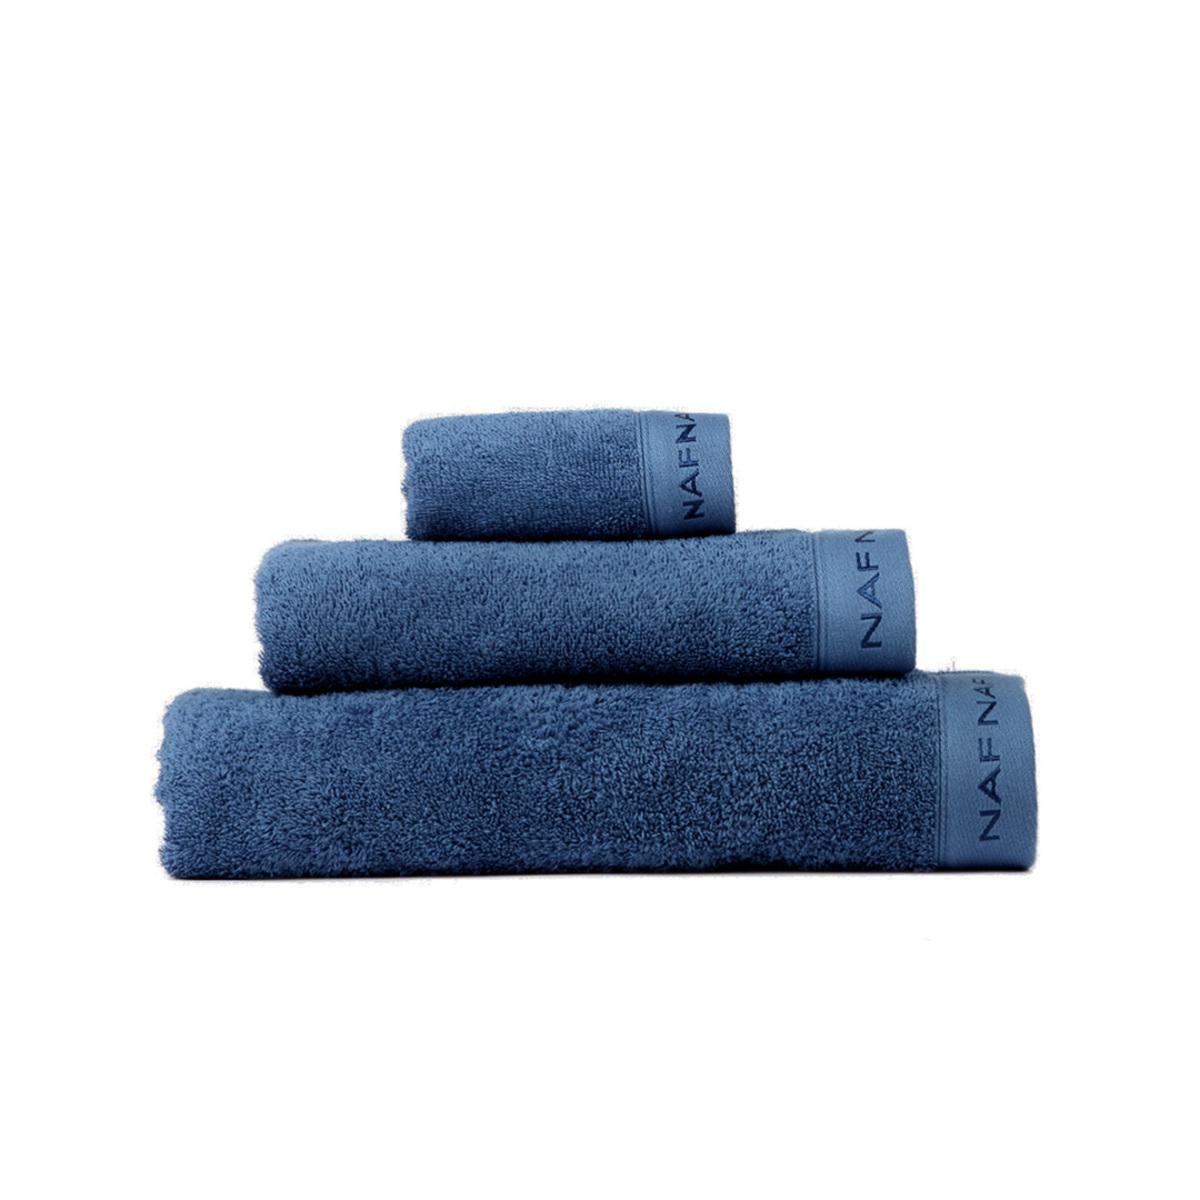 CASUAL - Set de bain trois pièces  bleu marine